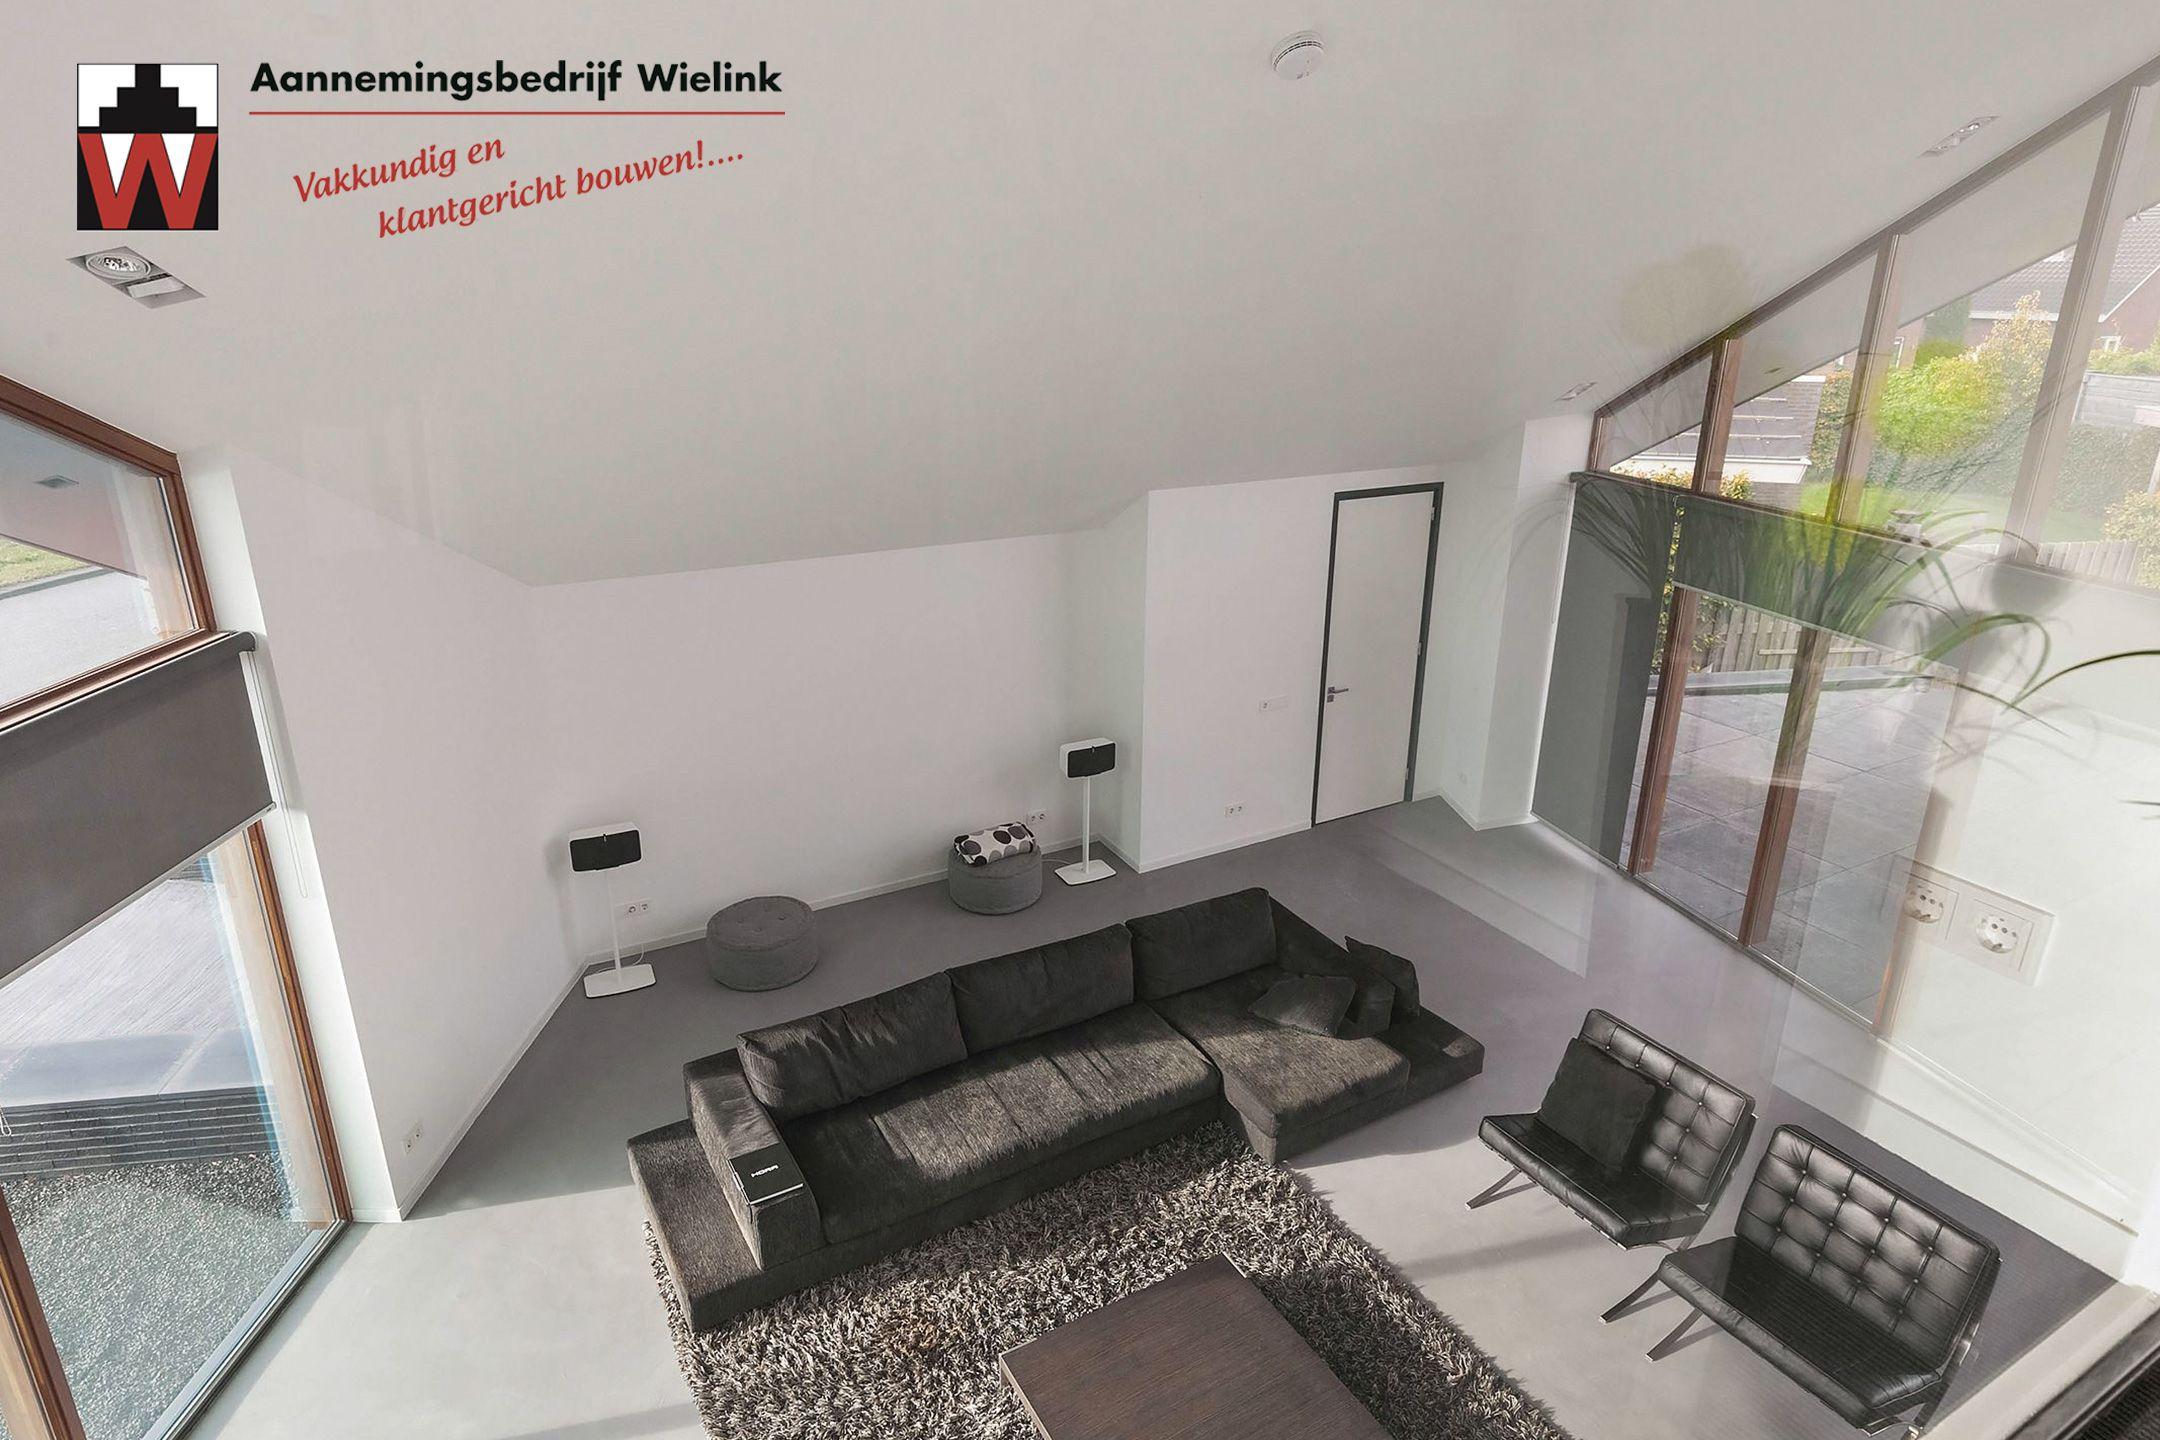 Modern Interieur Woonkamer : Strak en modern interieur modern interieur inspiratie